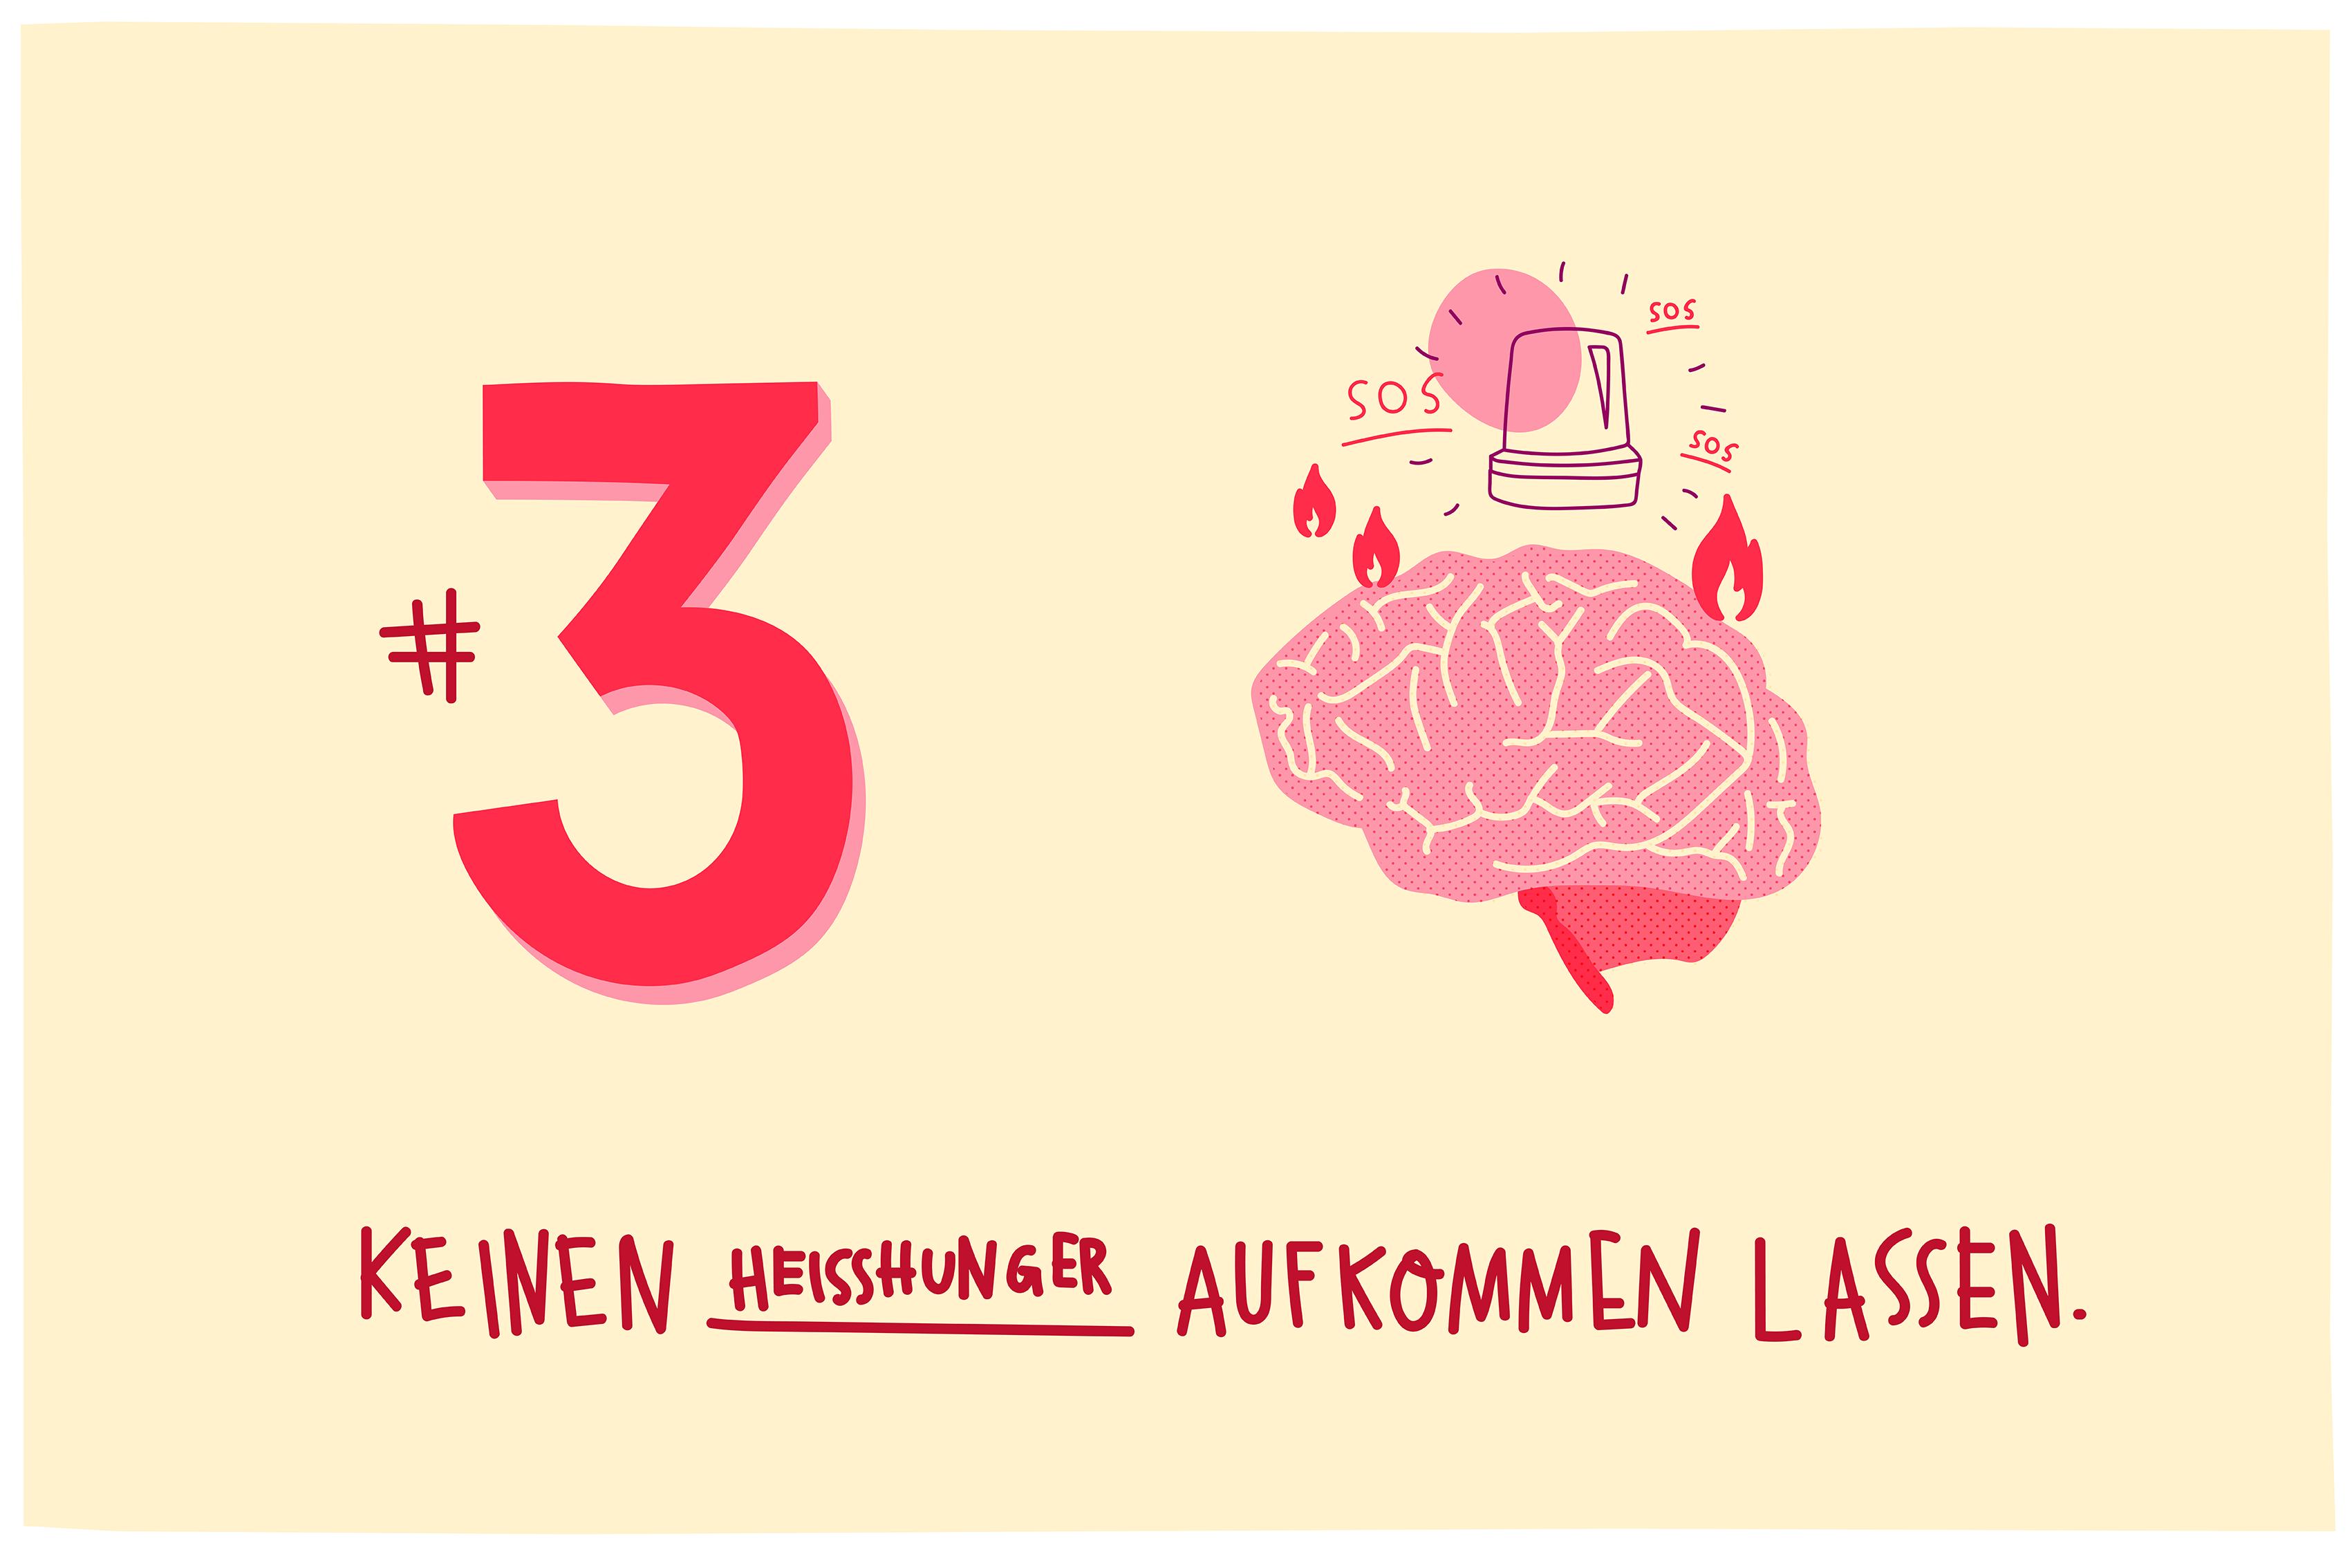 Zuckerfrei_leben_Illustration_Gehirn_Heisshunger_Clean_Eating